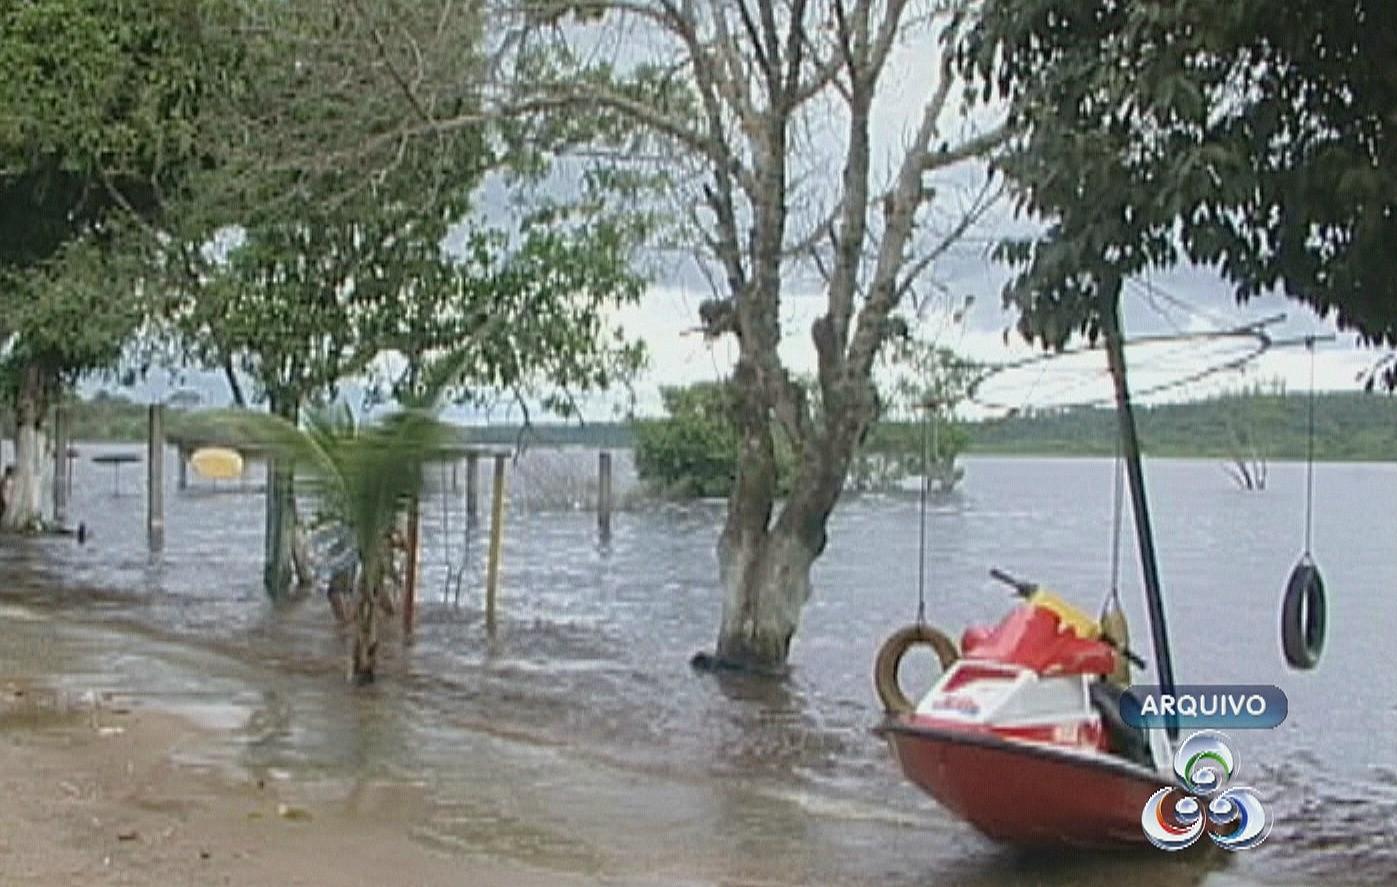 Ataque ocorreu em um balneário na Zona Oeste da capital (Foto: Jornal do Amazonas)